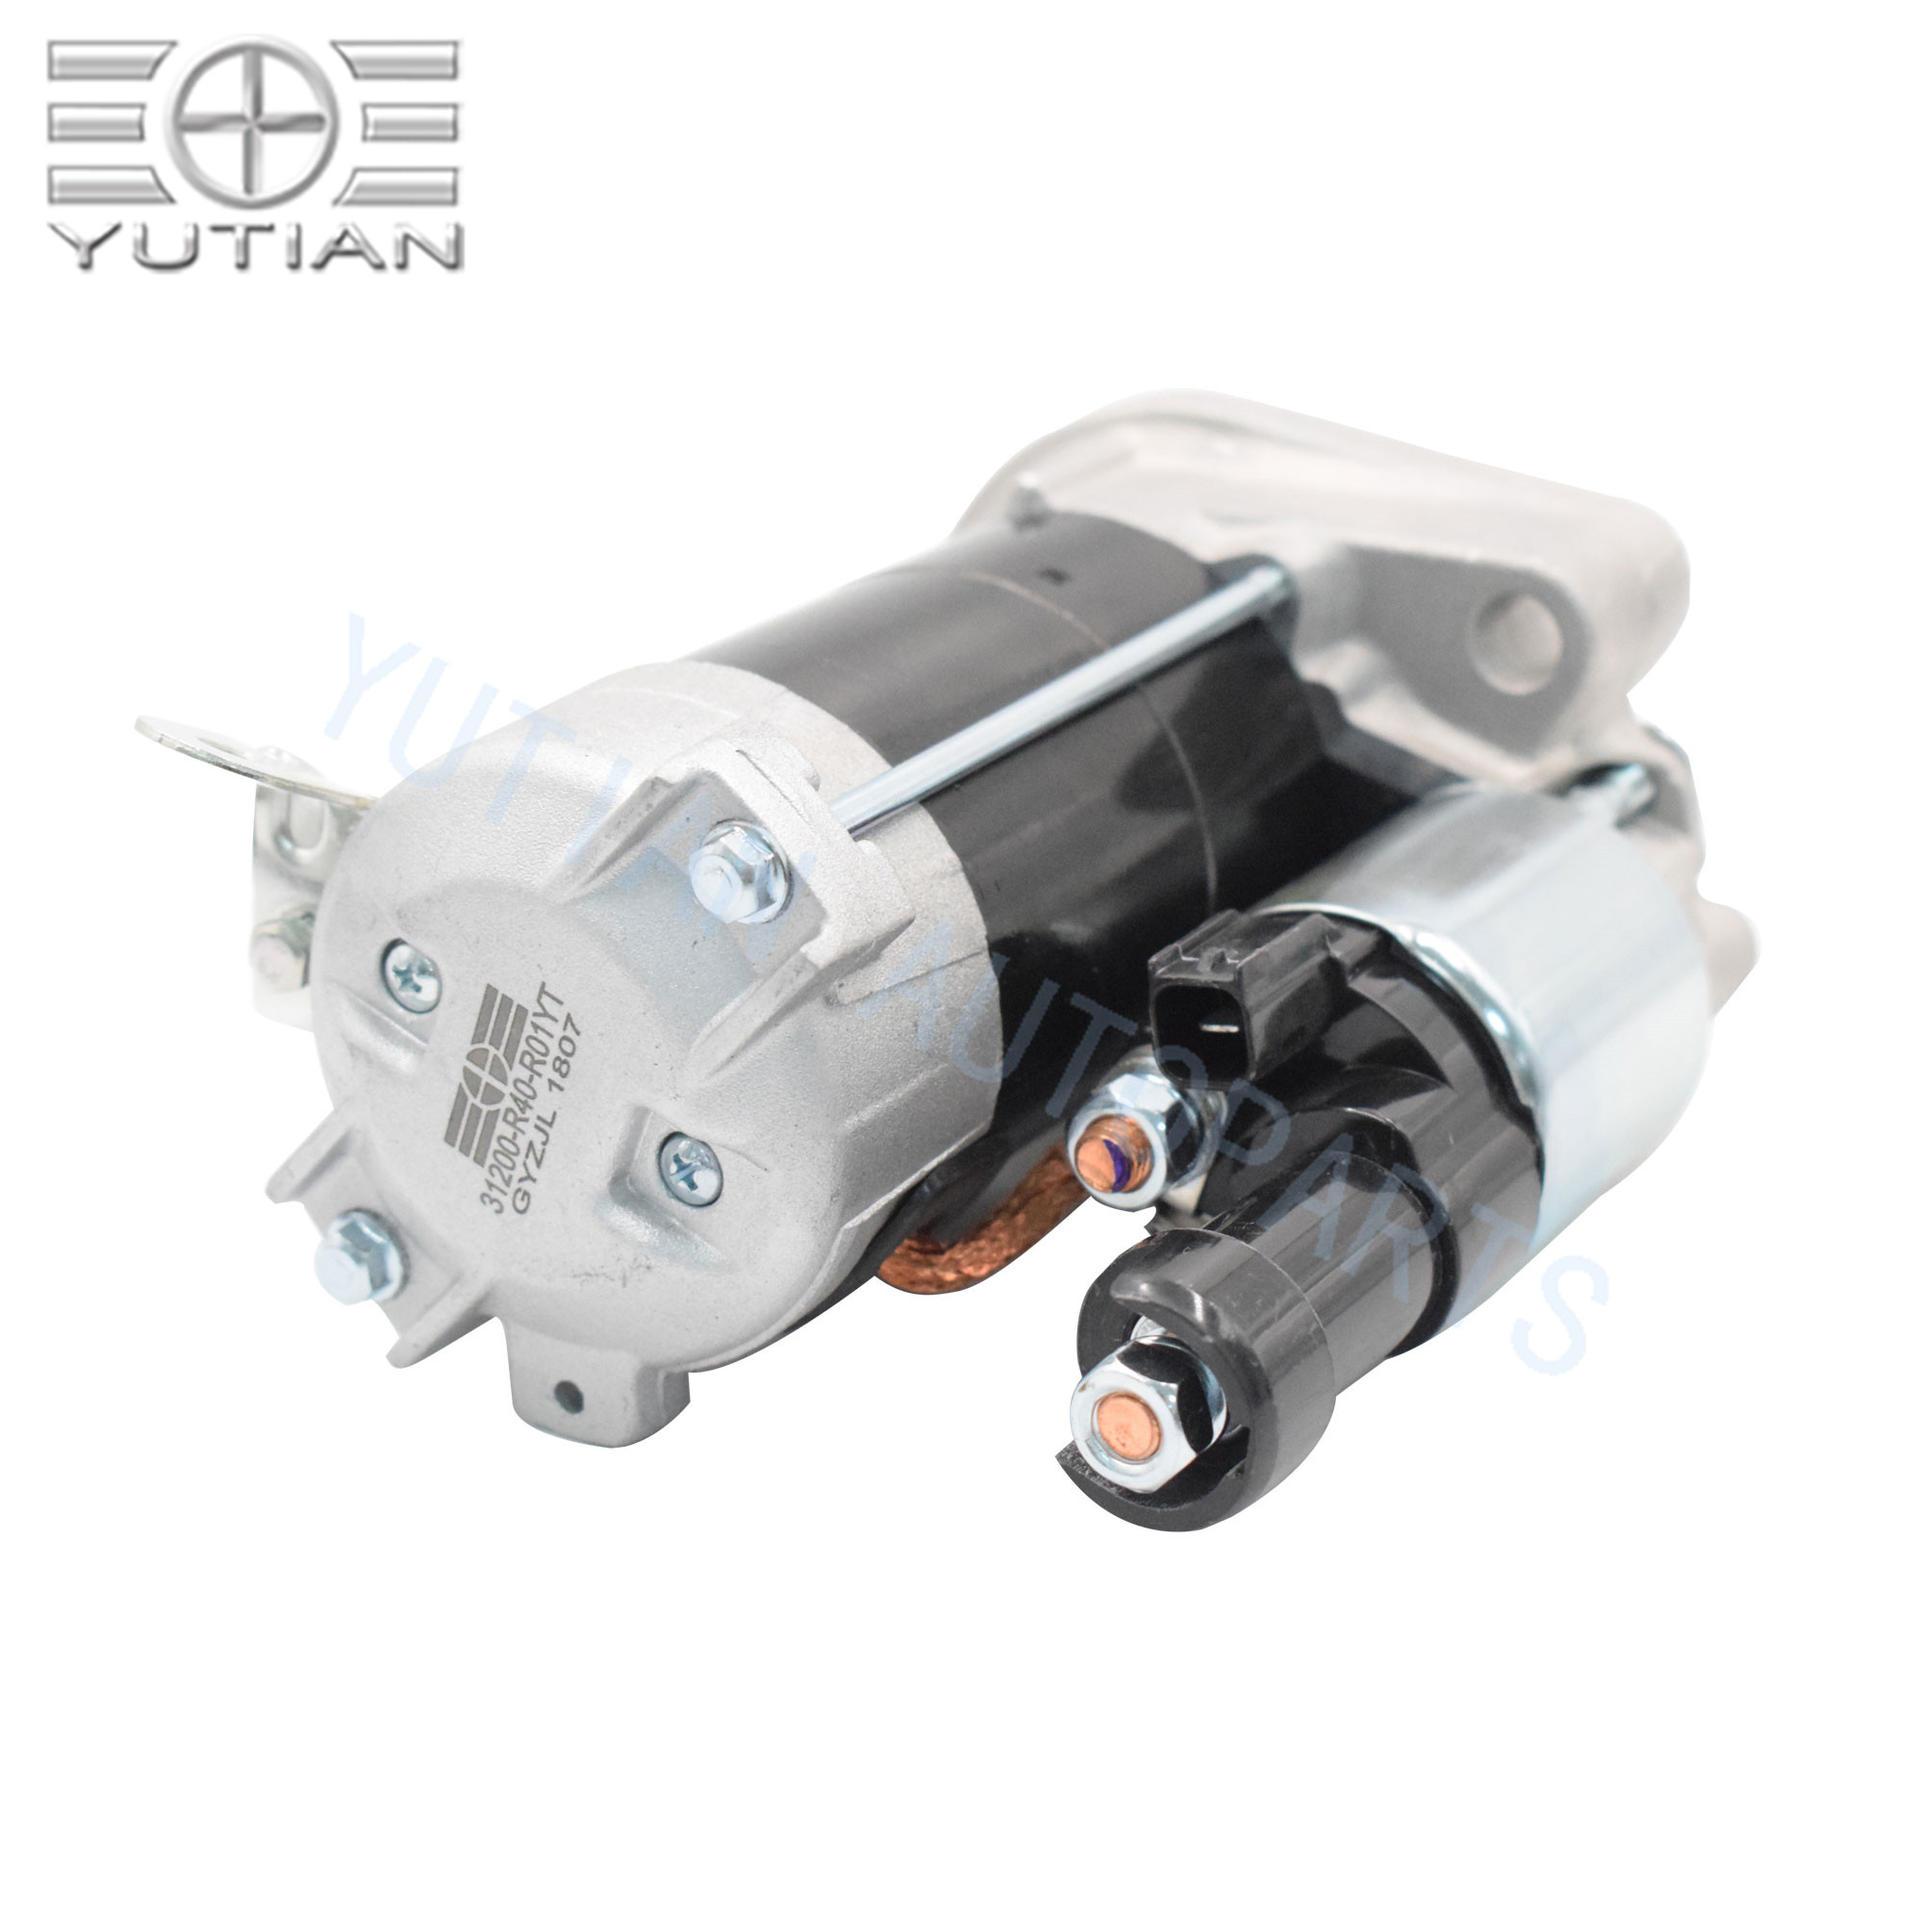 08-13 Accord 09-14 Odyssey CRV Start The Motor 12V/1.1KW/9T OEM 31200-R40-R01